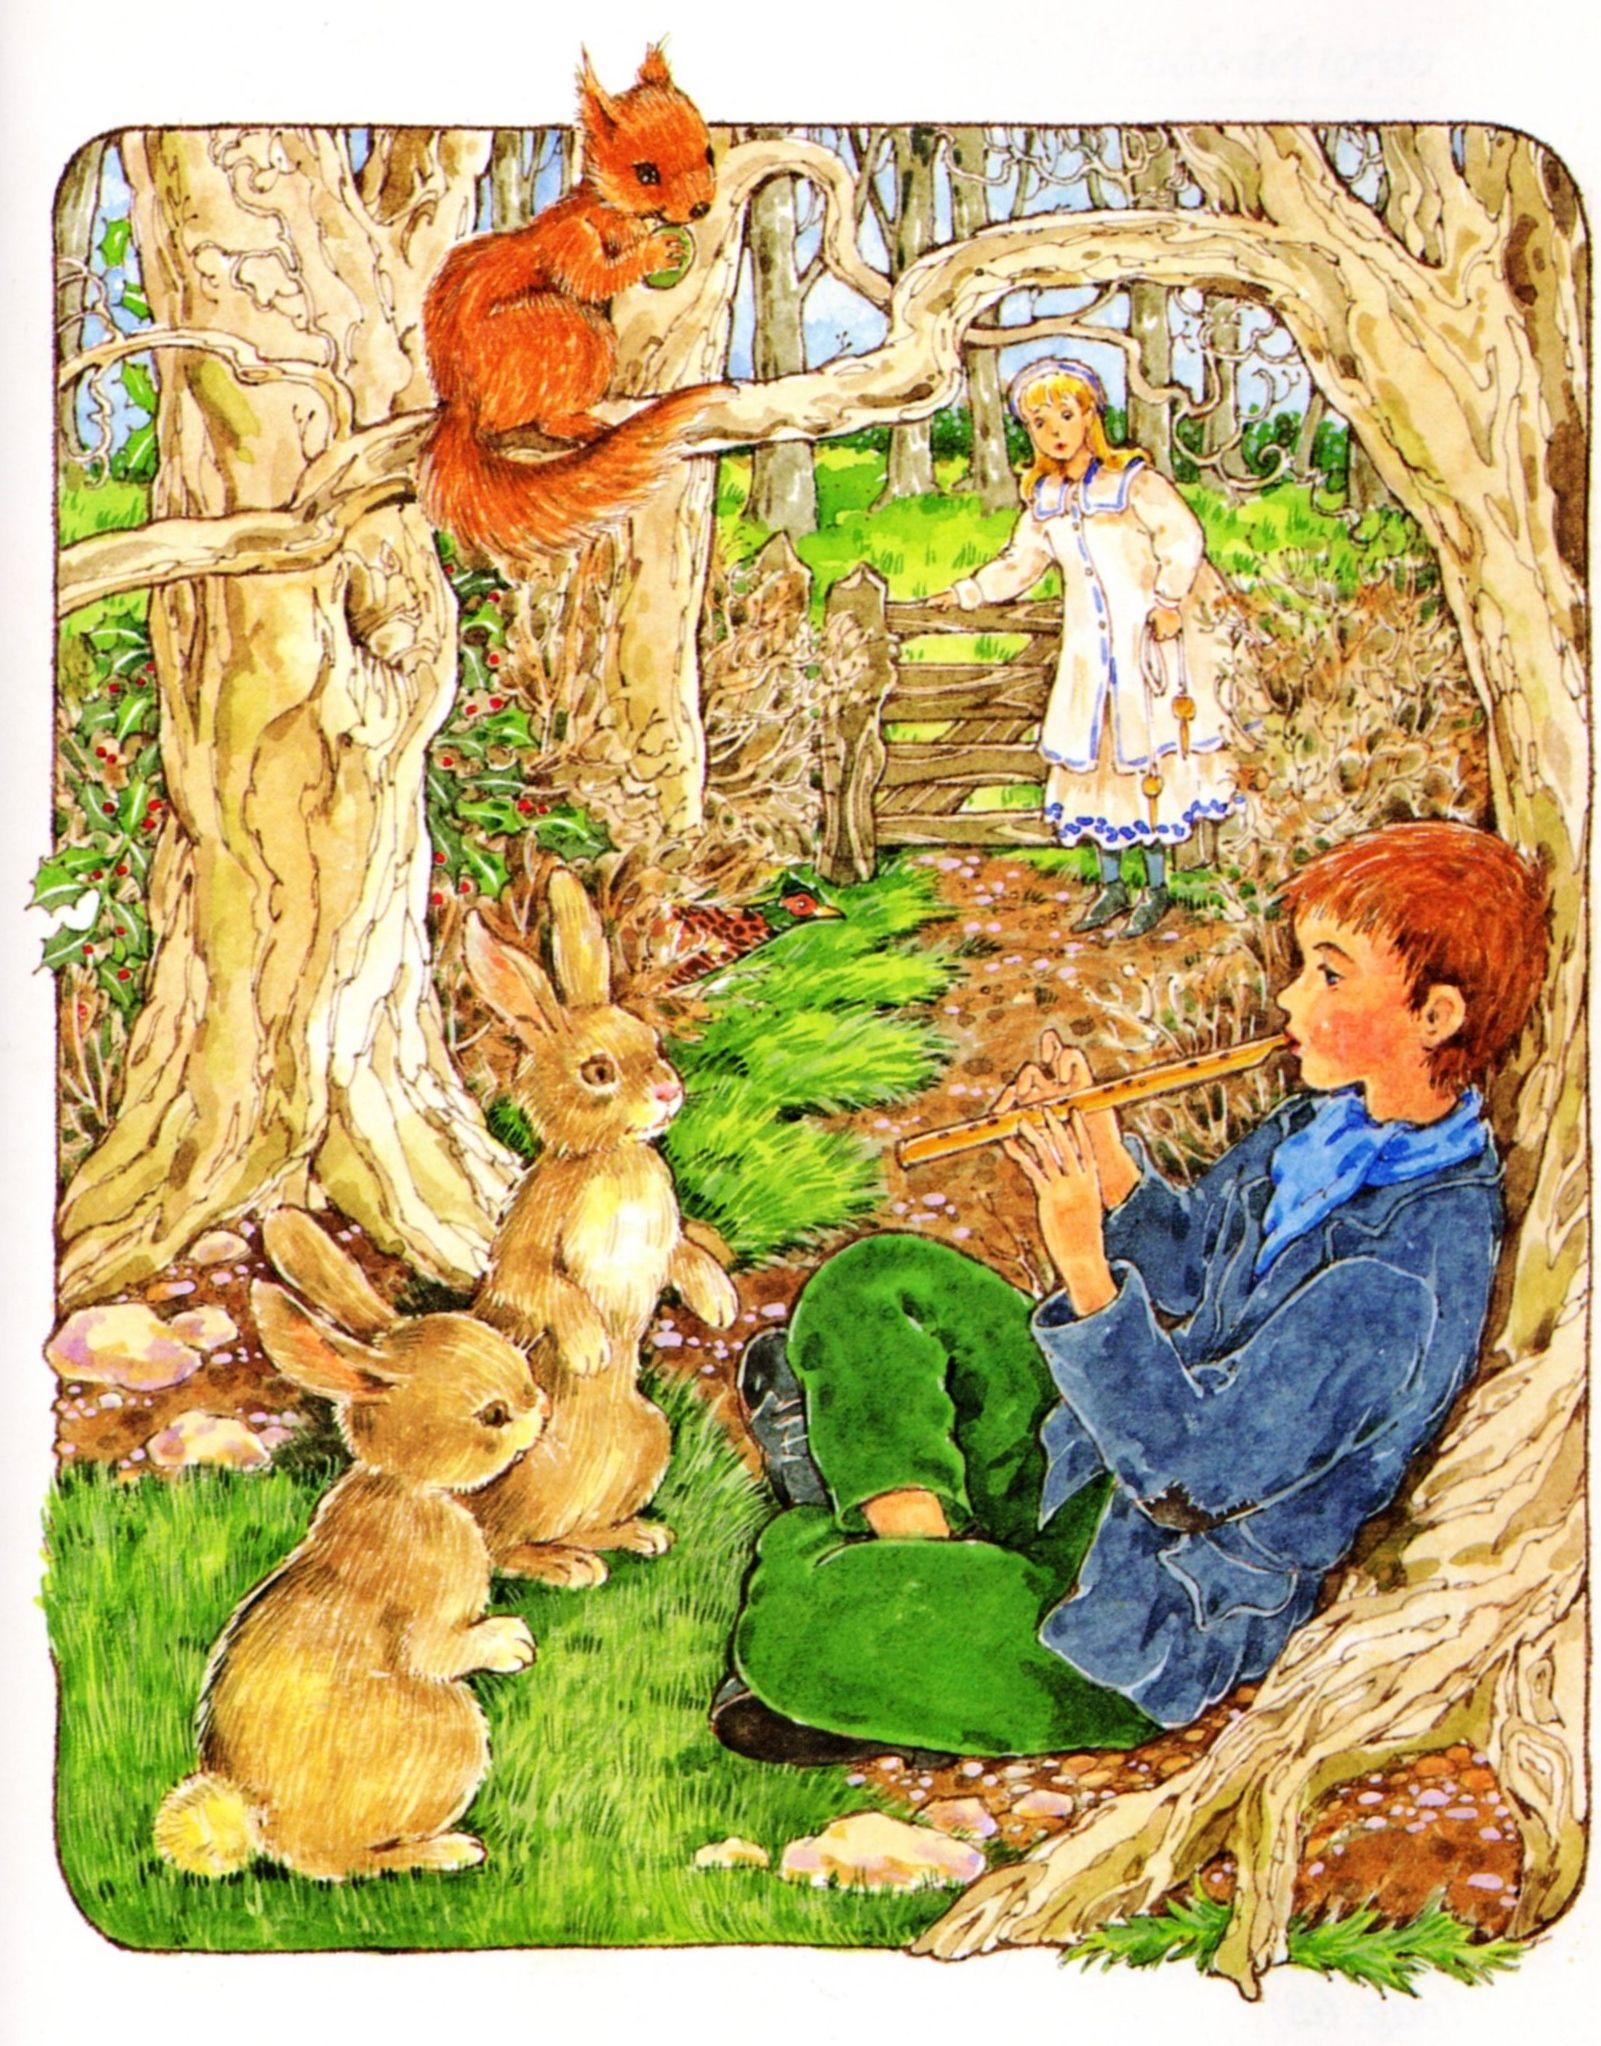 The secret garden (Burnett)